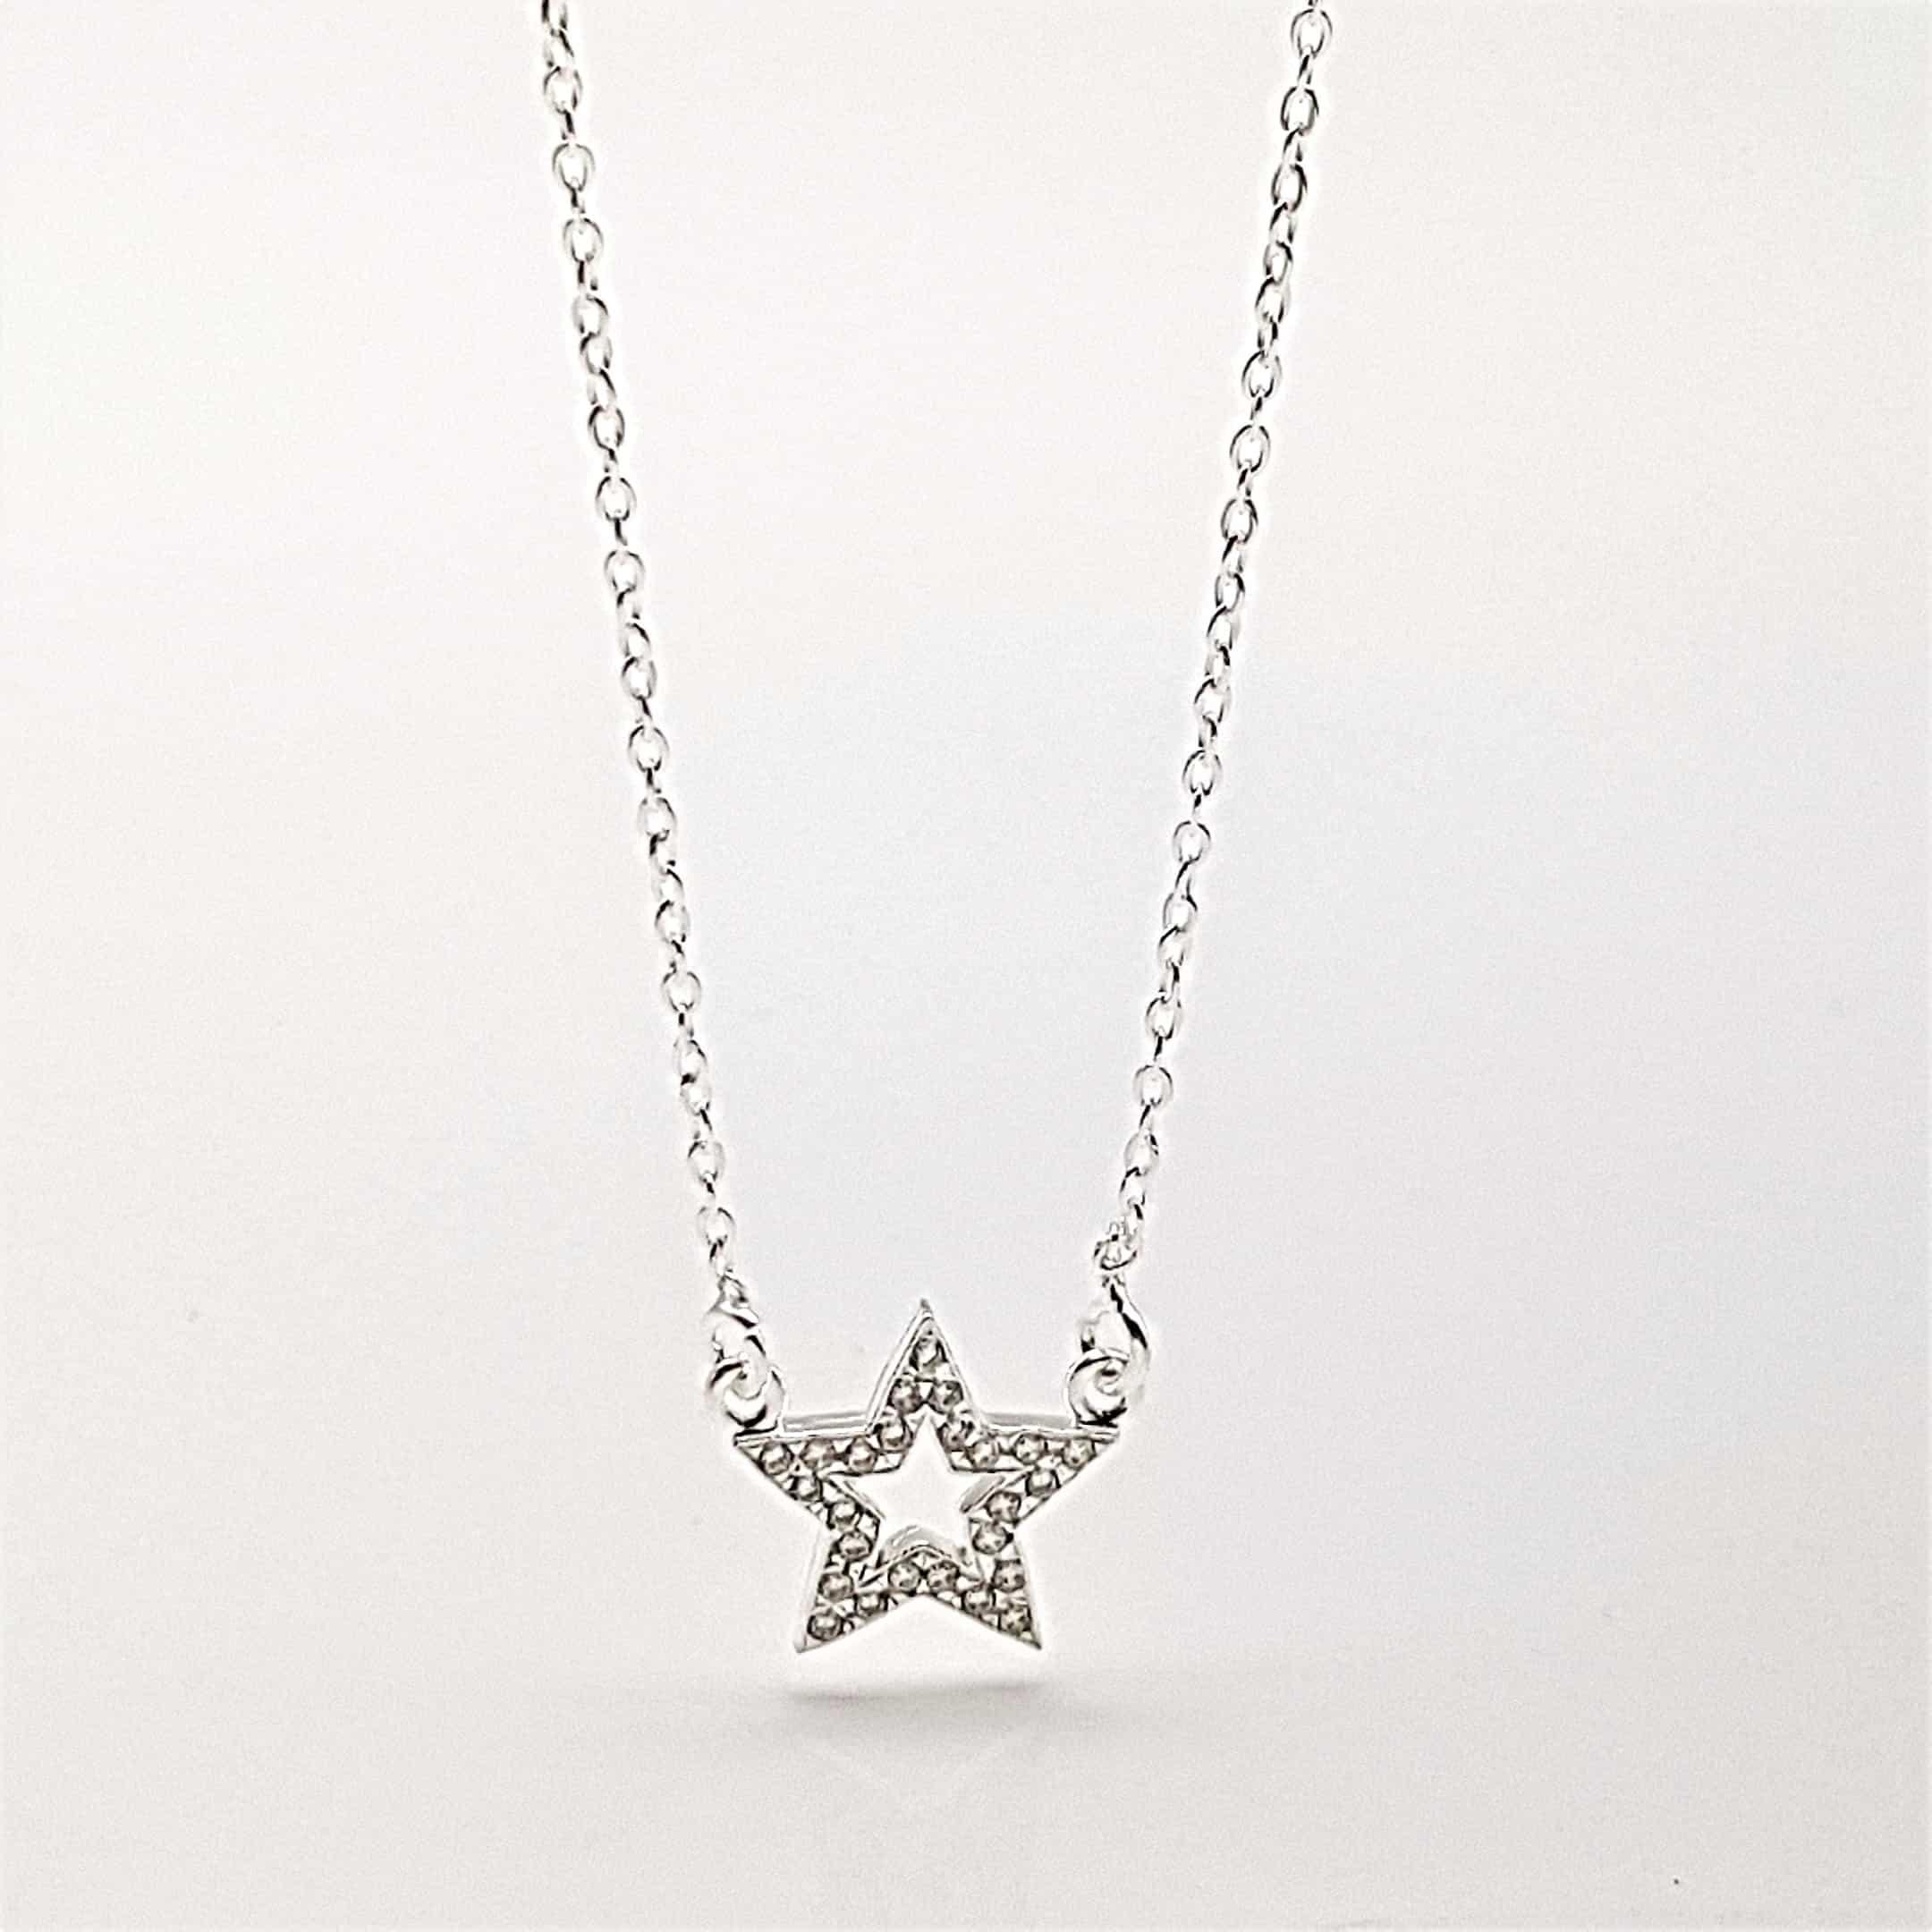 Gargantilla mini estrella de plata y circonitas (3)